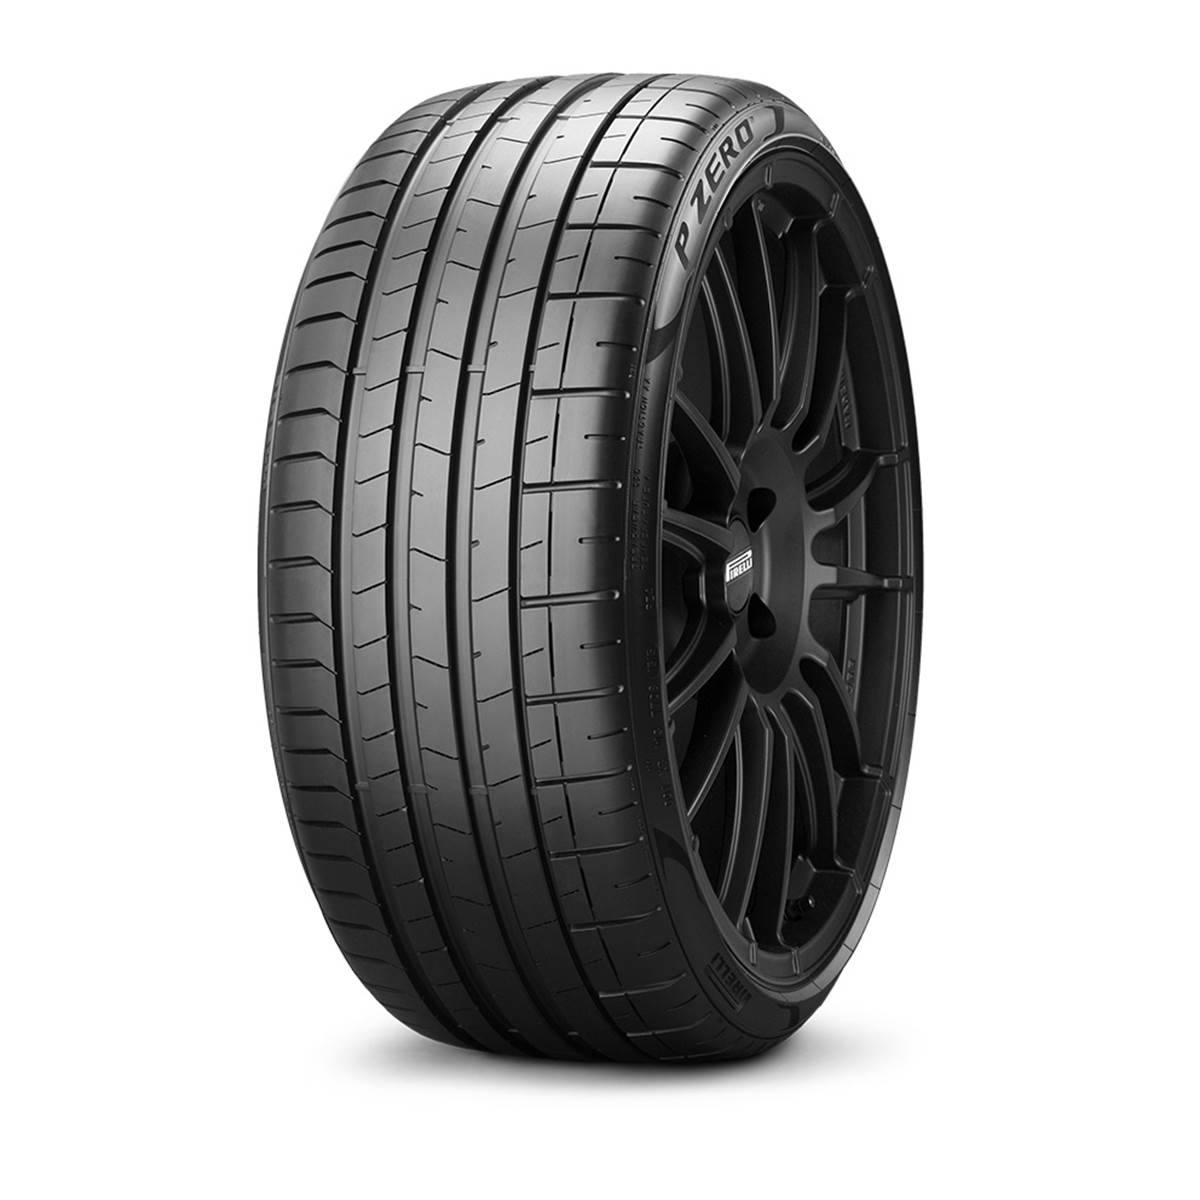 Pneu Runflat Pirelli 225/40R19 89Y Pzero